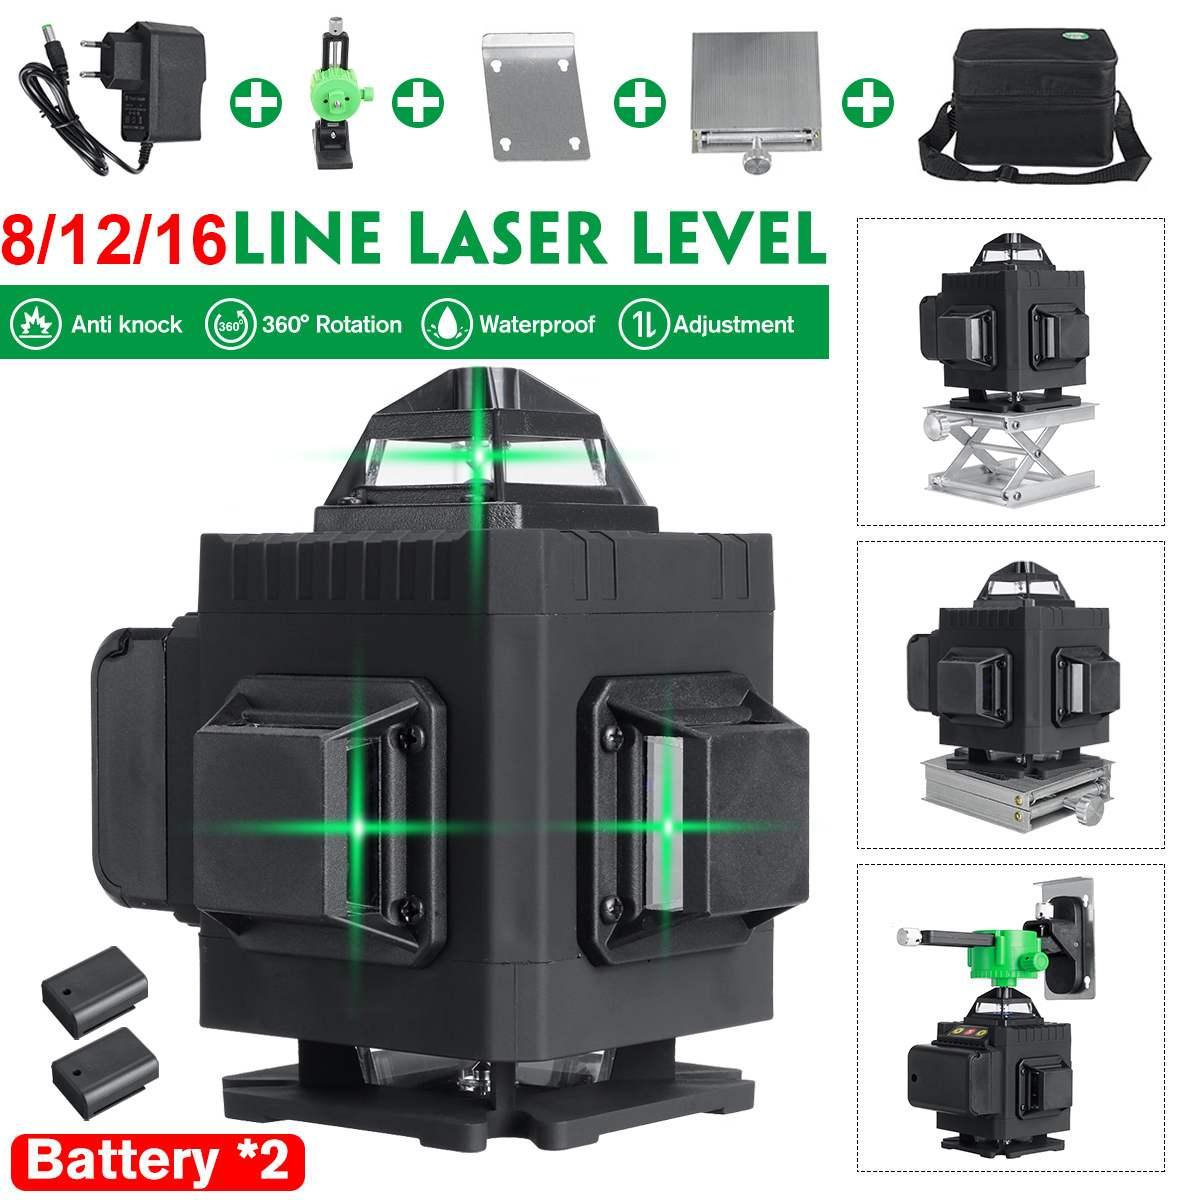 4D 16 خطوط الأخضر الليزر مستوى الذاتي الإستواء اللاسلكية التحكم عن بعد 360 الأفقي العمودي الصليب مع 2 بطاريات جدار قوس